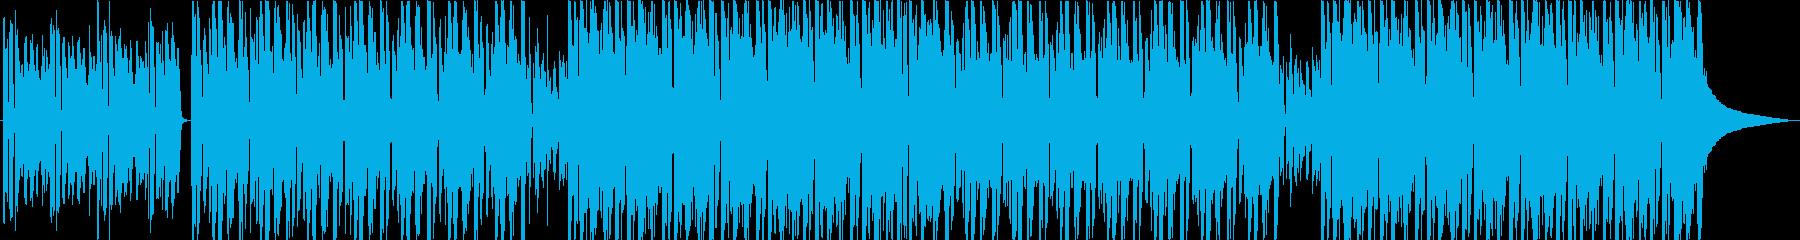 コンセプトムービー 前向き・わくわくの再生済みの波形